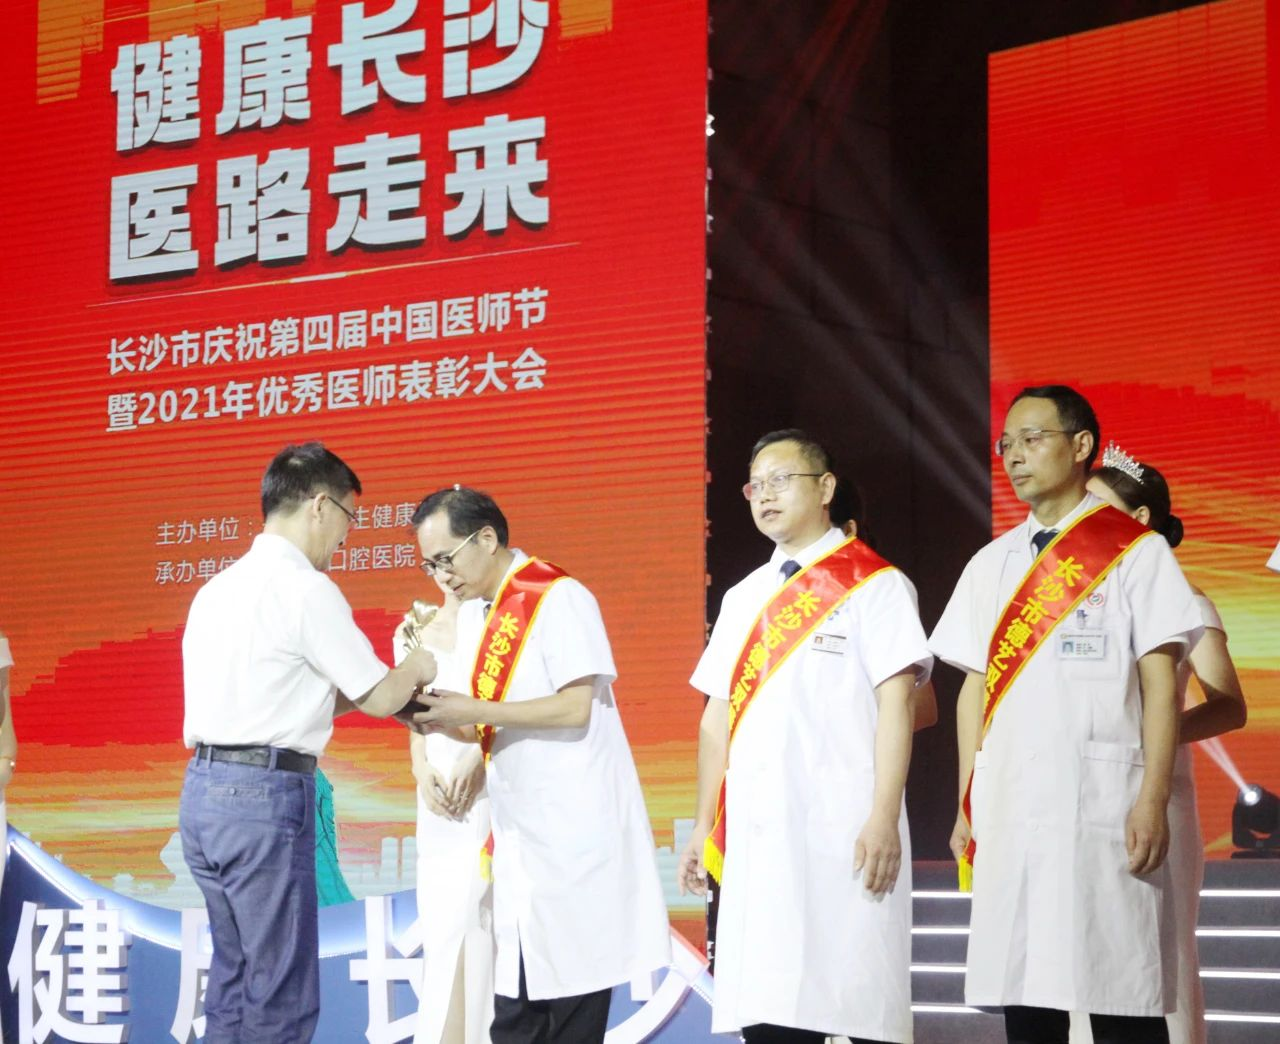 浏阳市唯一! 中医院苏建斌荣获长沙市「德艺双馨最美医生」